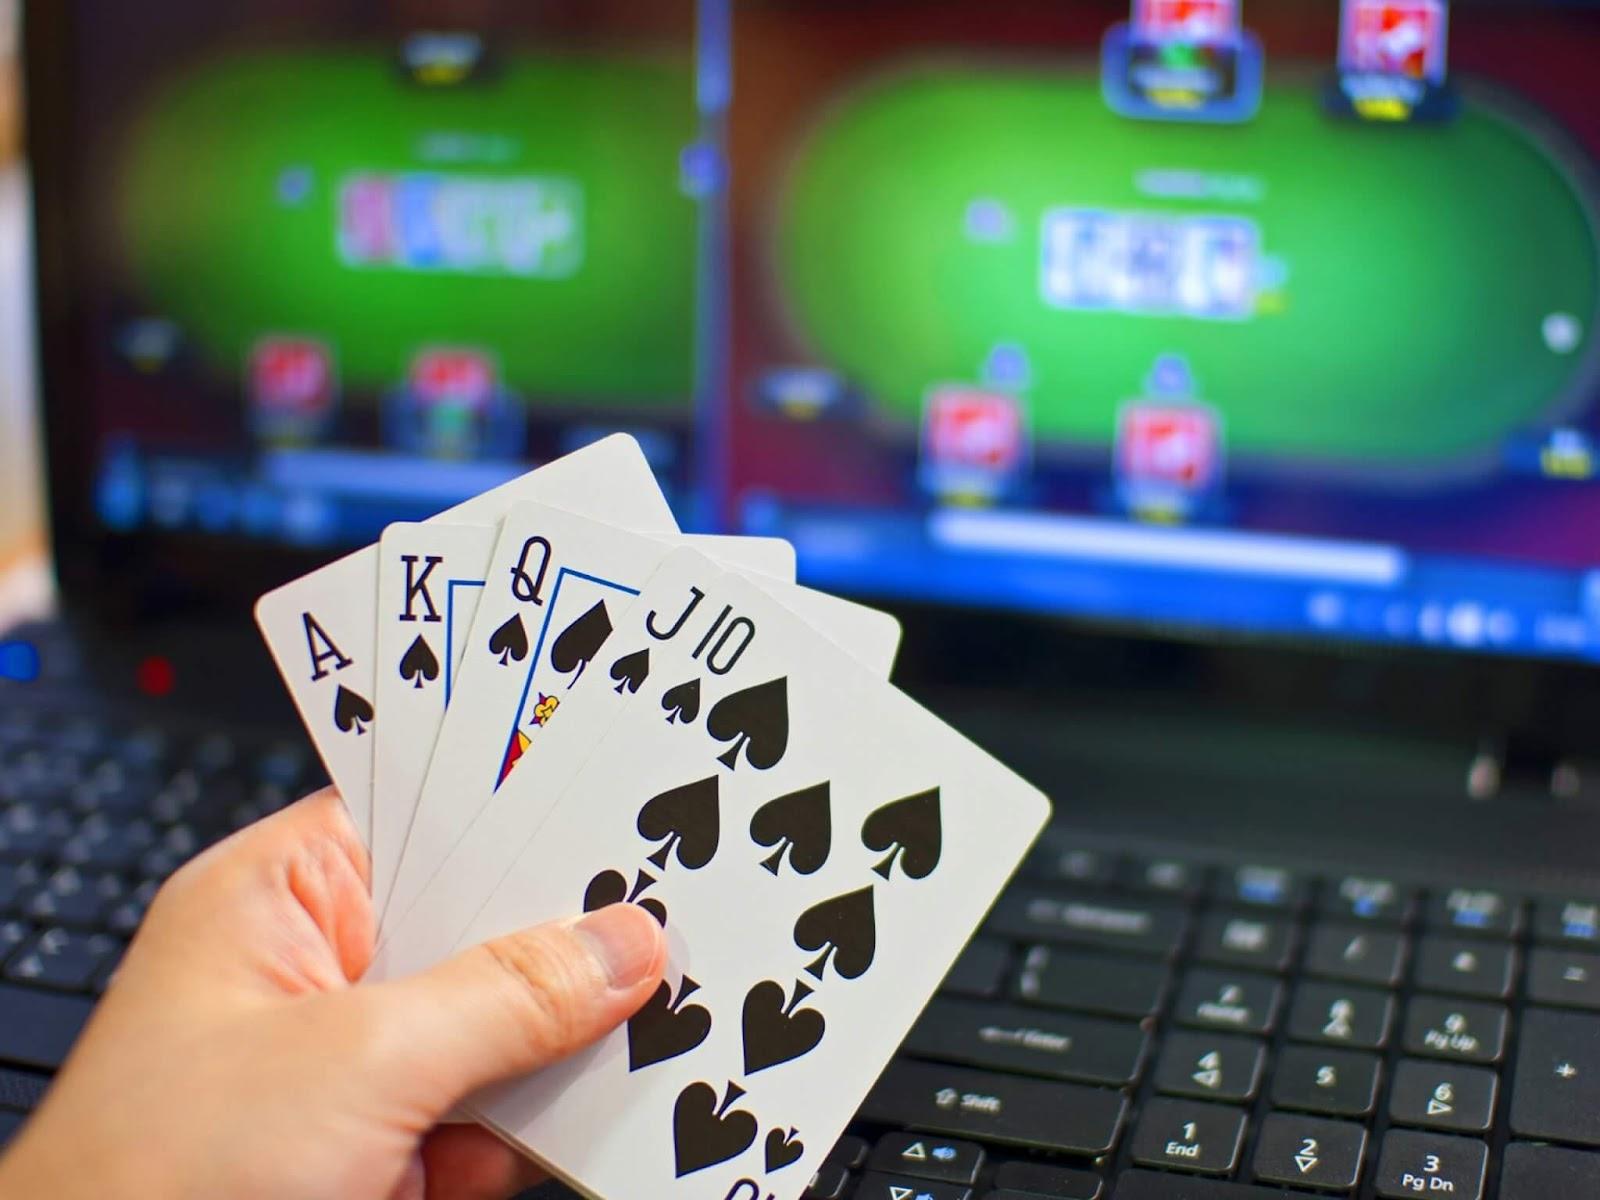 C:\Users\Stefan\Downloads\casino-online.jpg